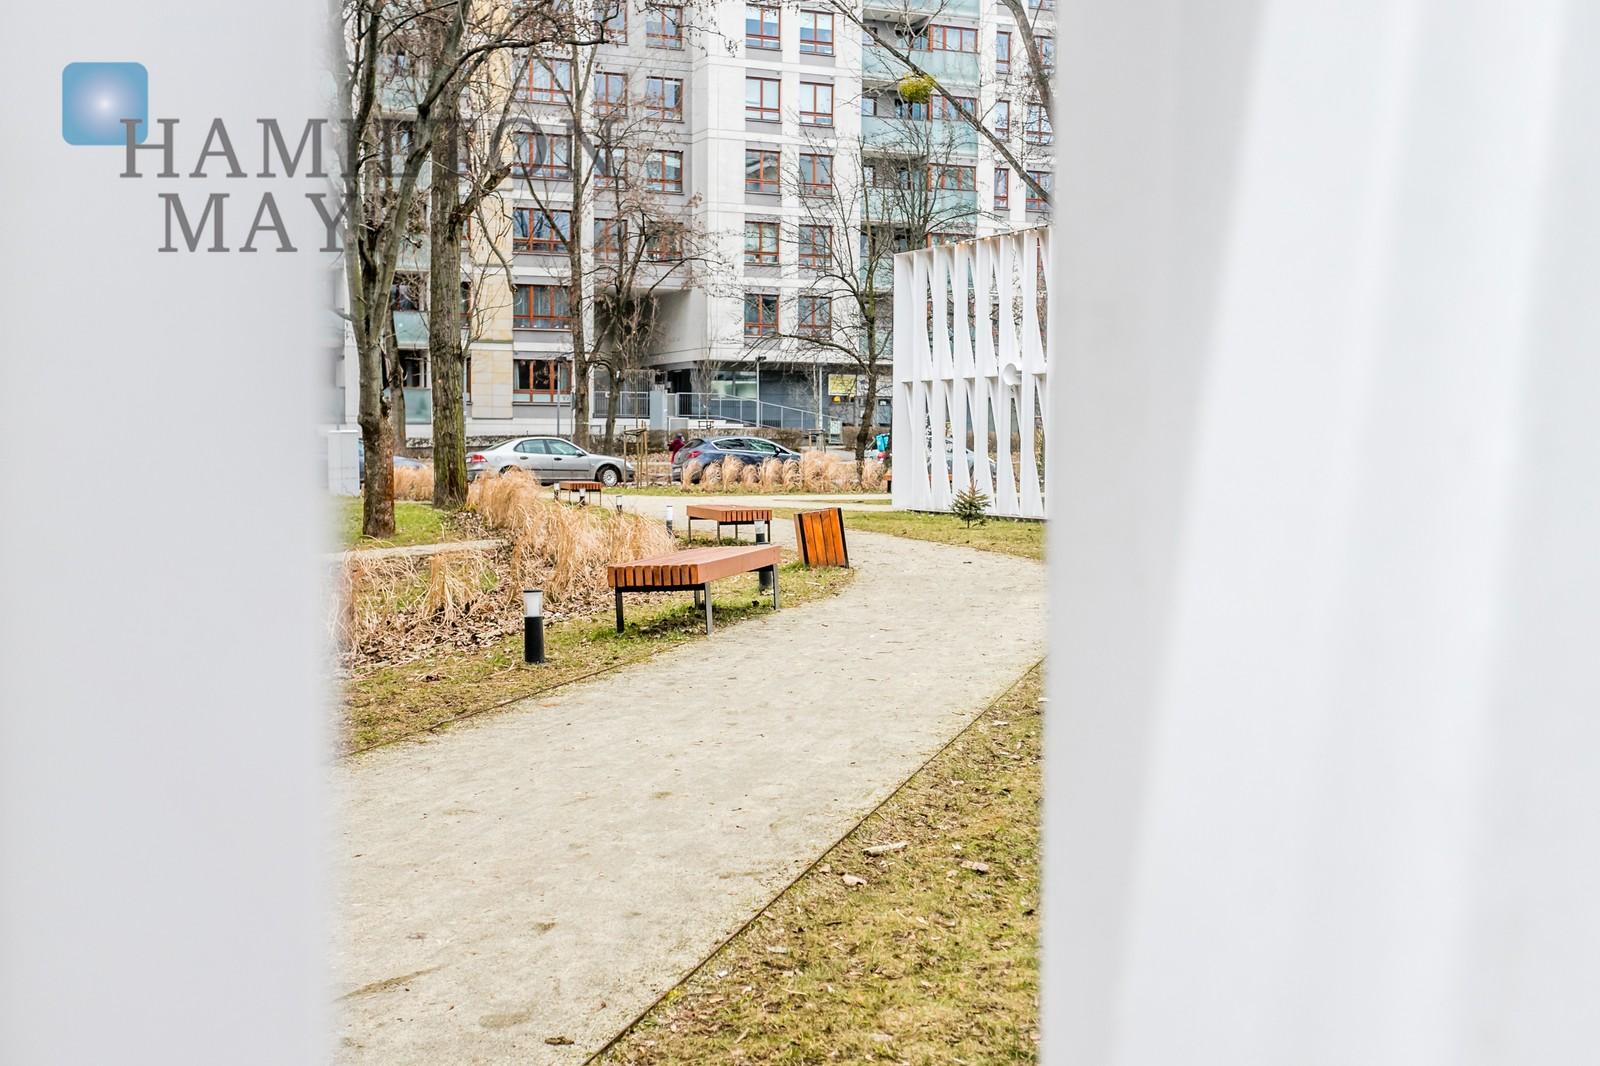 """Trzypokojowy apartament w stanie deweloperskim na sprzedaż w inwestycji """"Żoli Żoli"""". Warszawa na sprzedaż"""